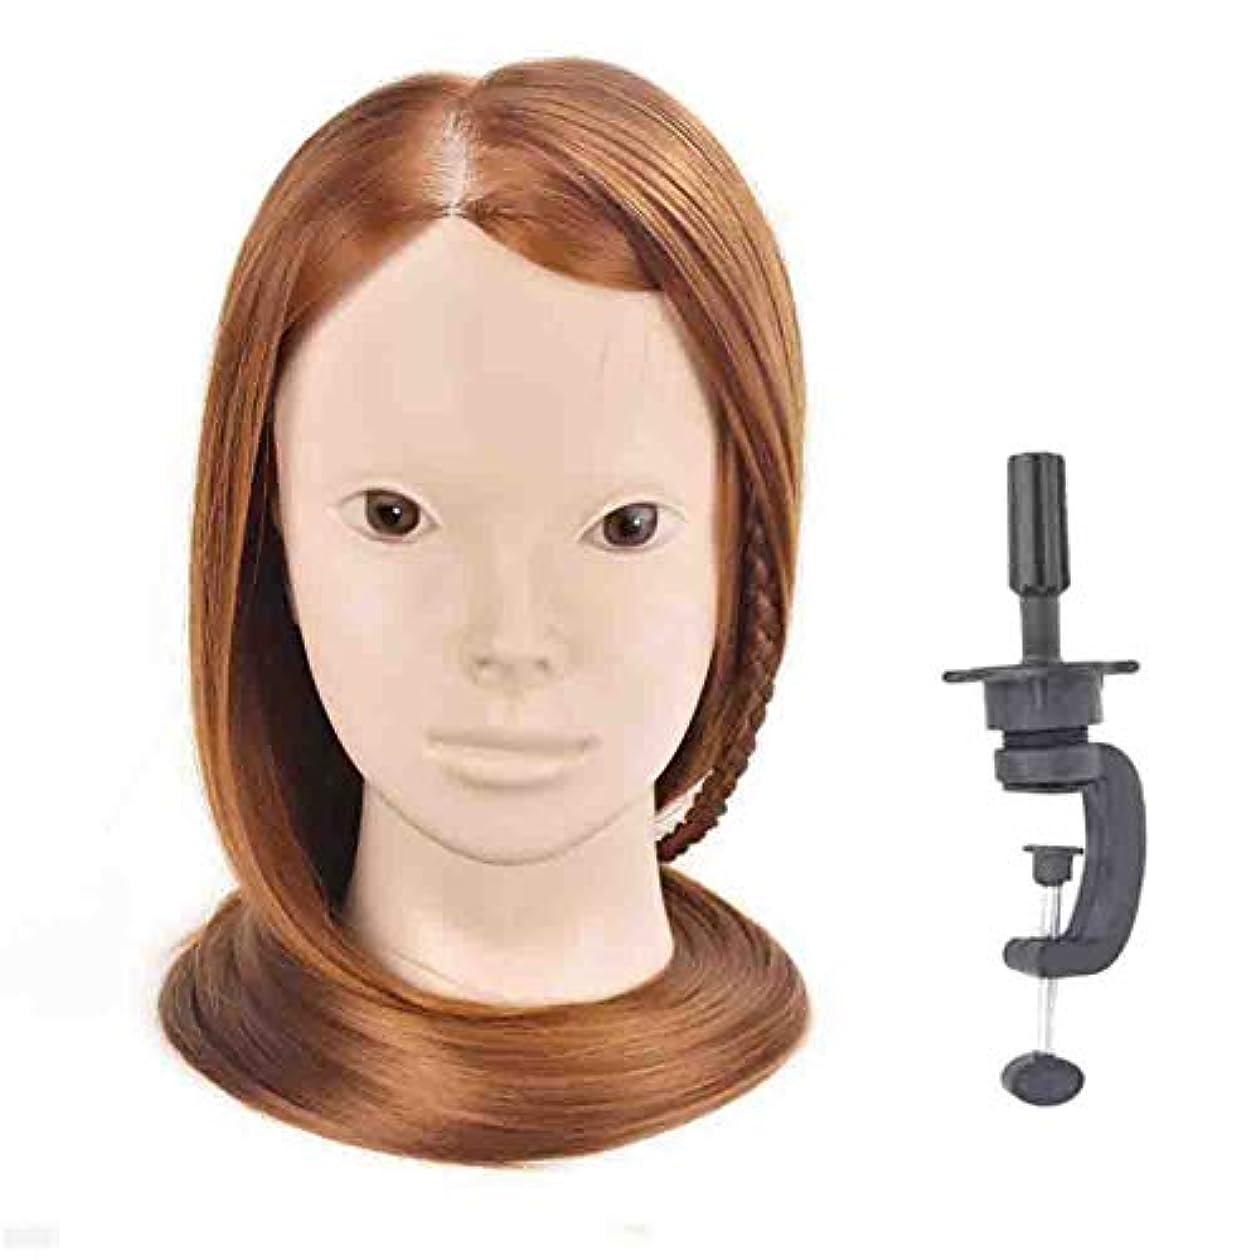 運命的な罪土は、花嫁の髪編組ひも学習ヘッドモデル理髪モデルヘッド理髪サロン散髪ダミー練習ヘッド